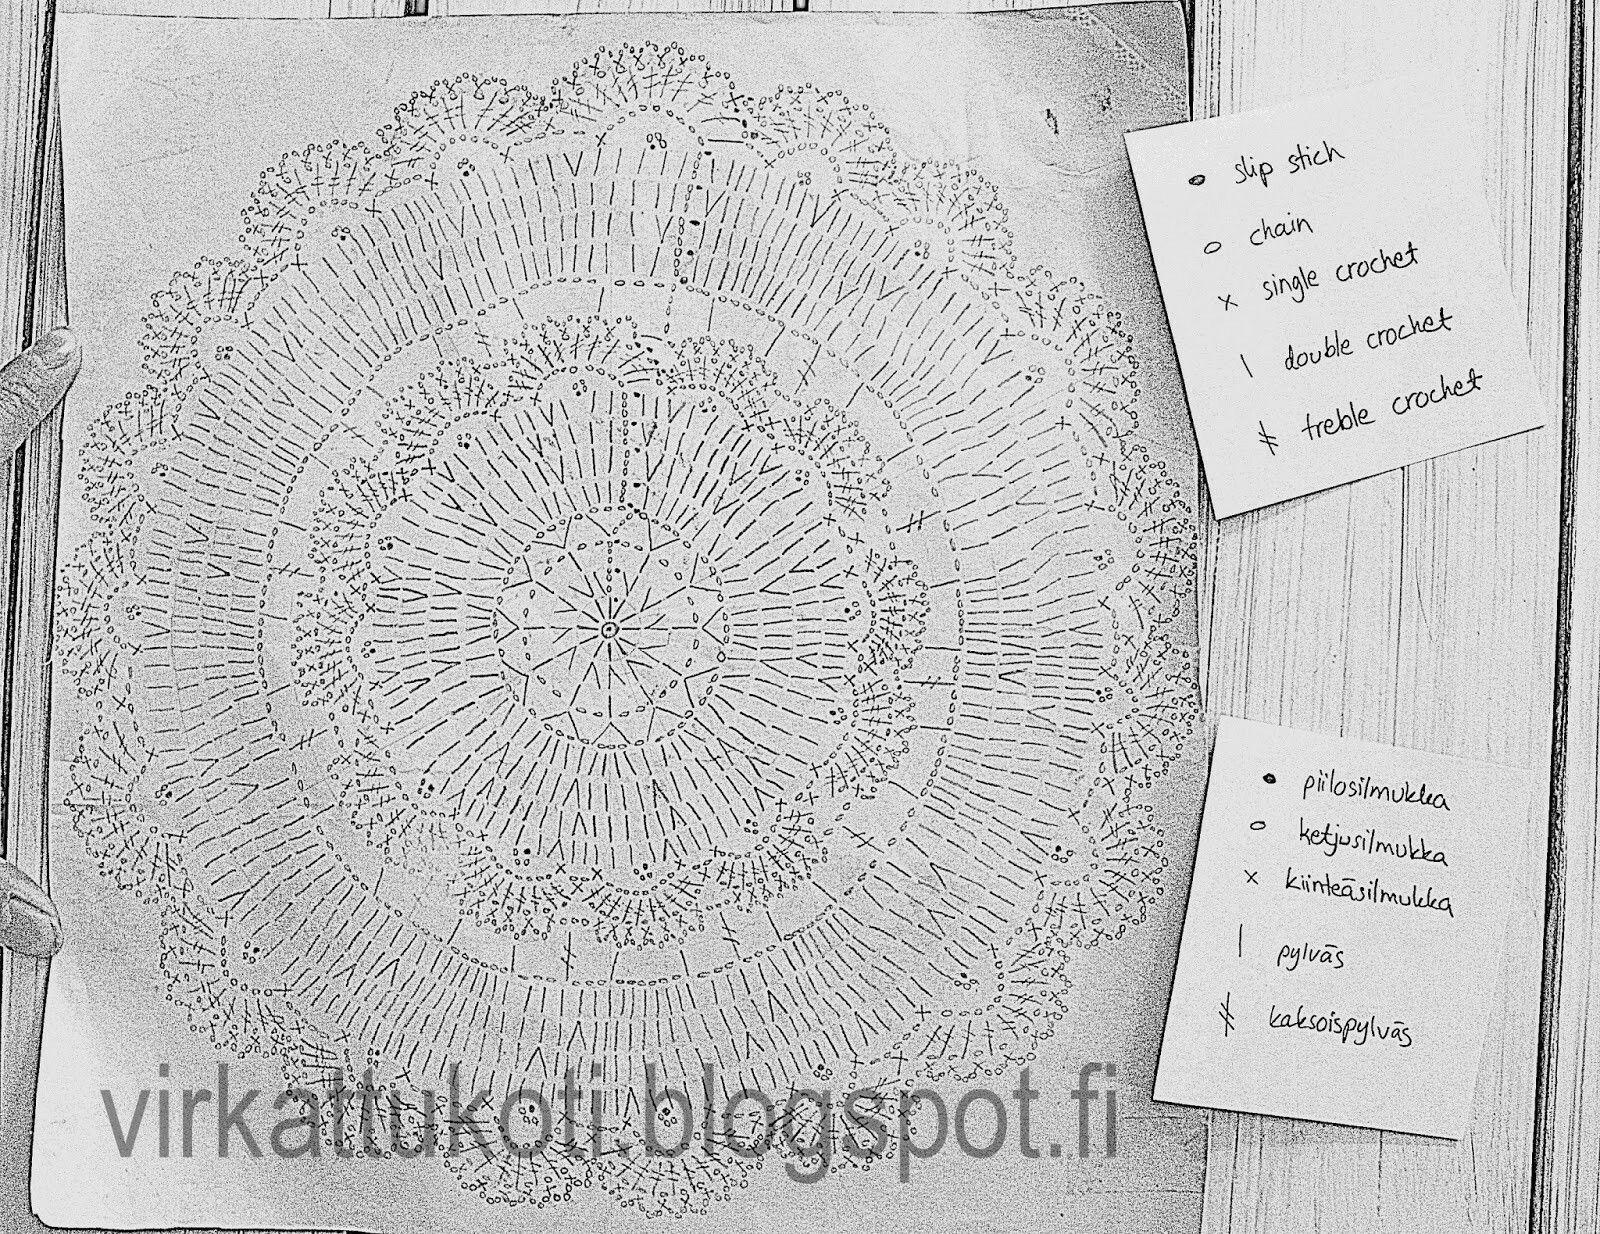 Suomi Englanti ohjeet virkkaus ohje mattoon virkattu pitsi matto  Blogi http://virkattukoti.blogspot.com/2016/02/pitsimatto-2.html